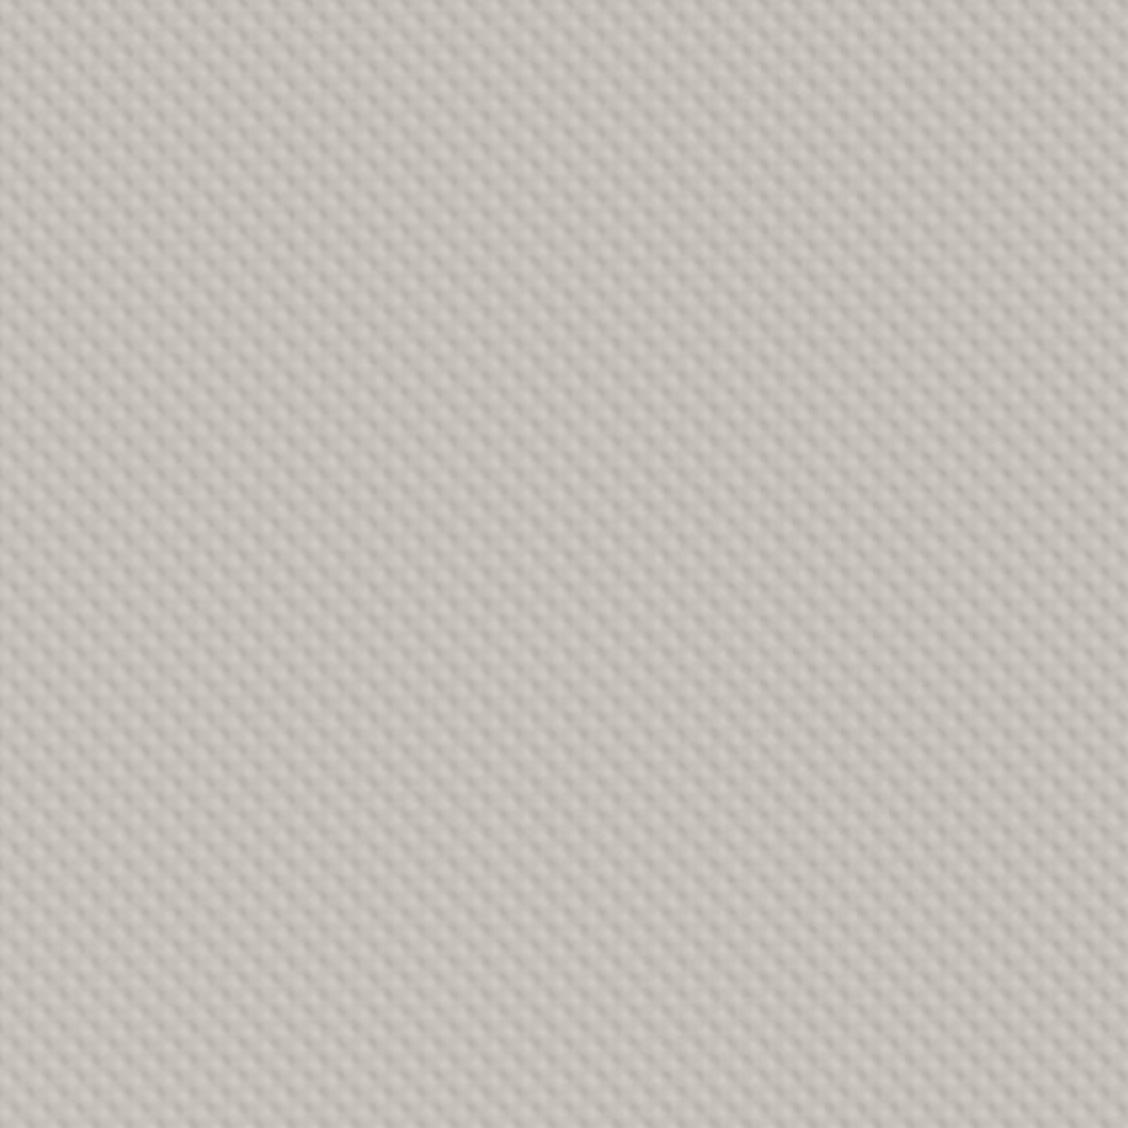 Showscape Soft Grey Reverse Dot